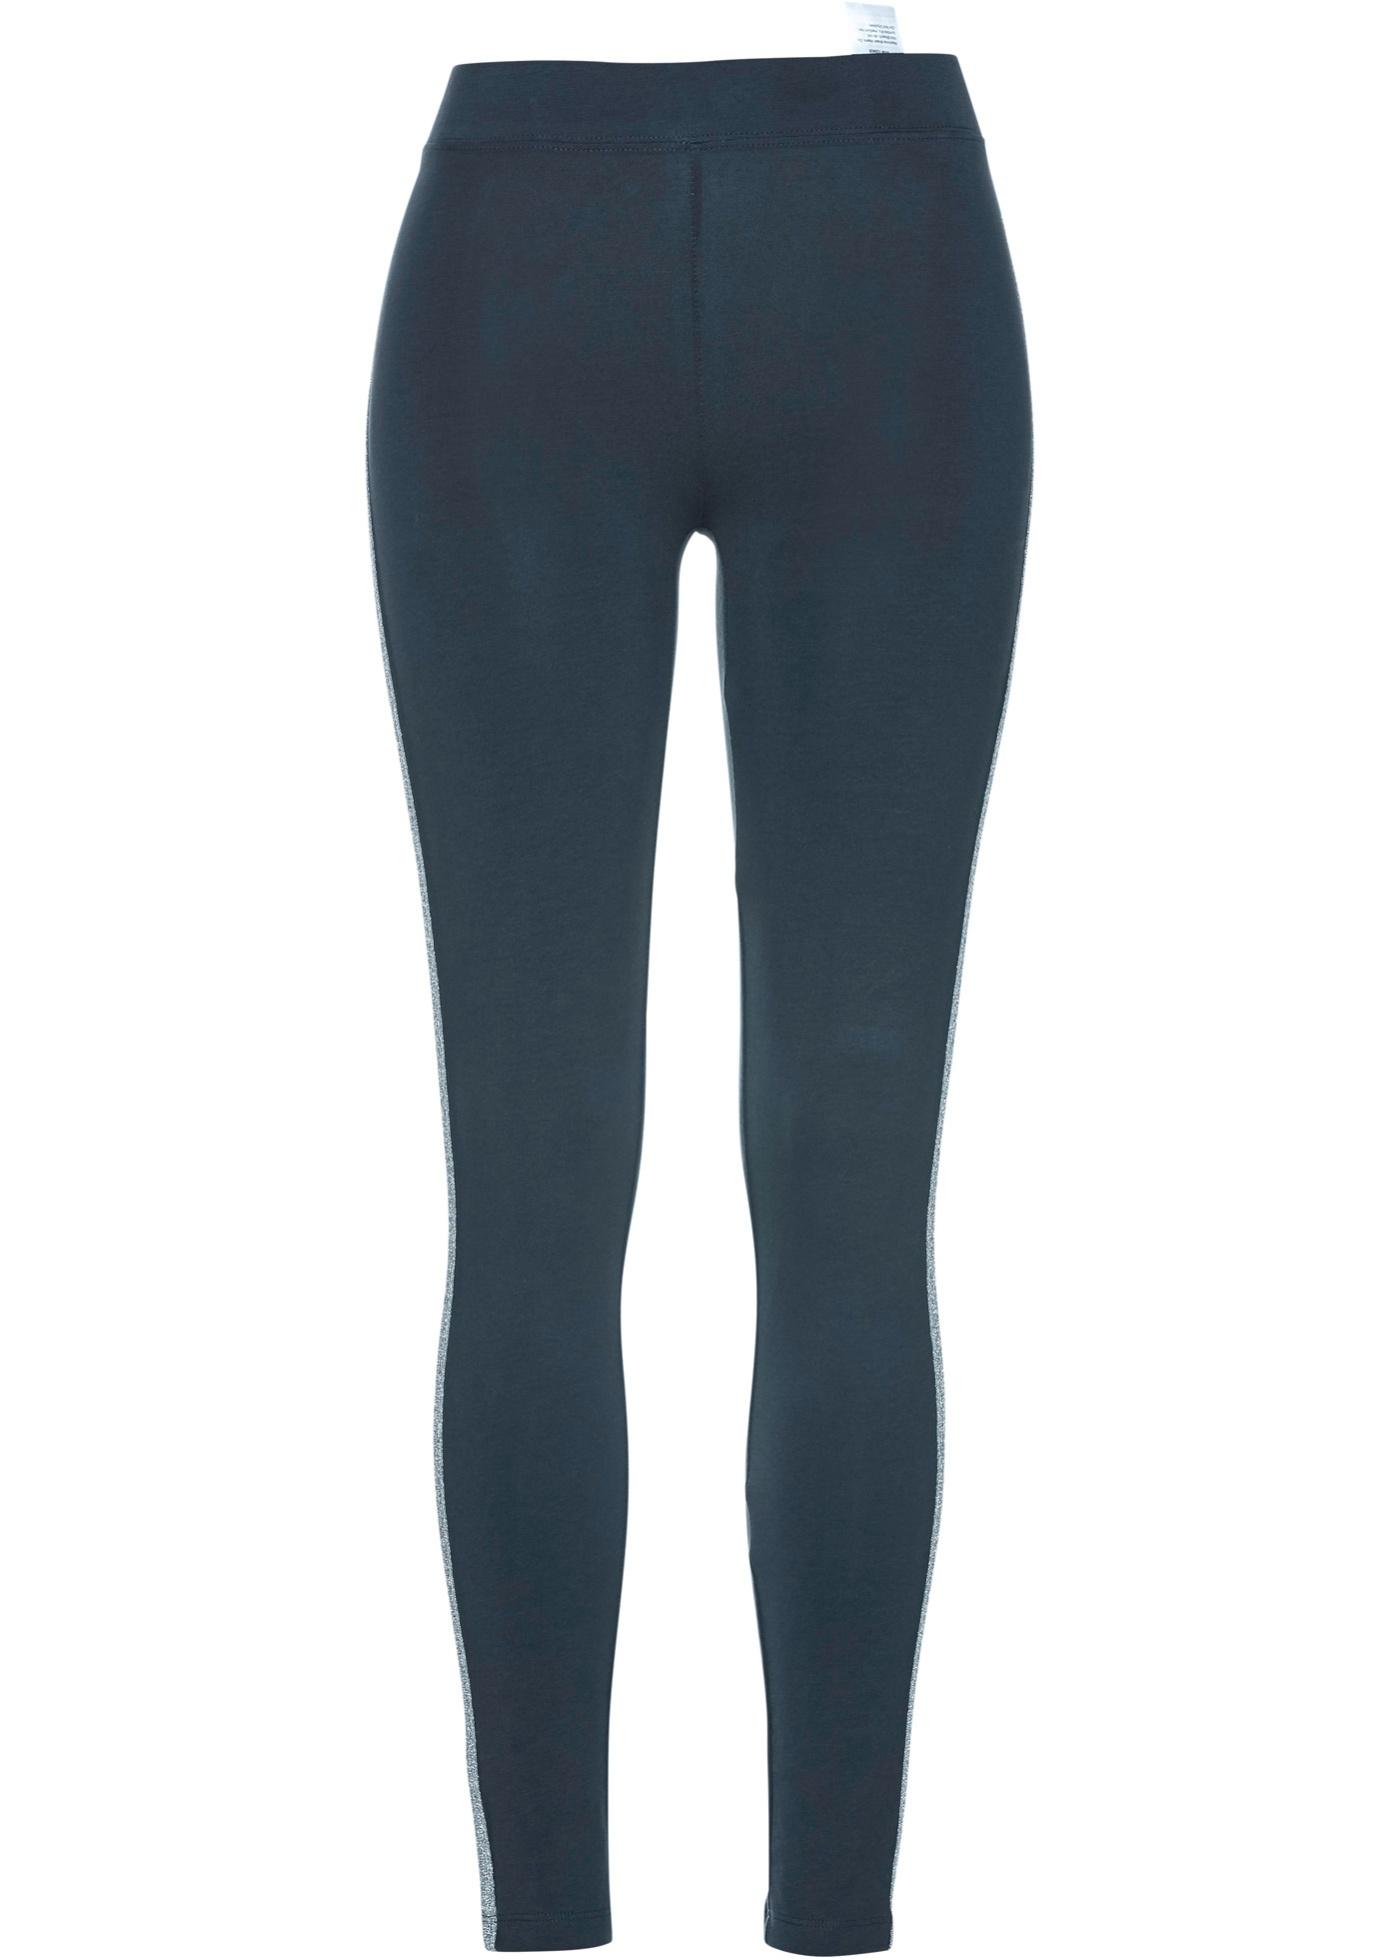 Hosen - Leggings mit Glitzerstreifen › bonprix › blau  - Onlineshop Bonprix